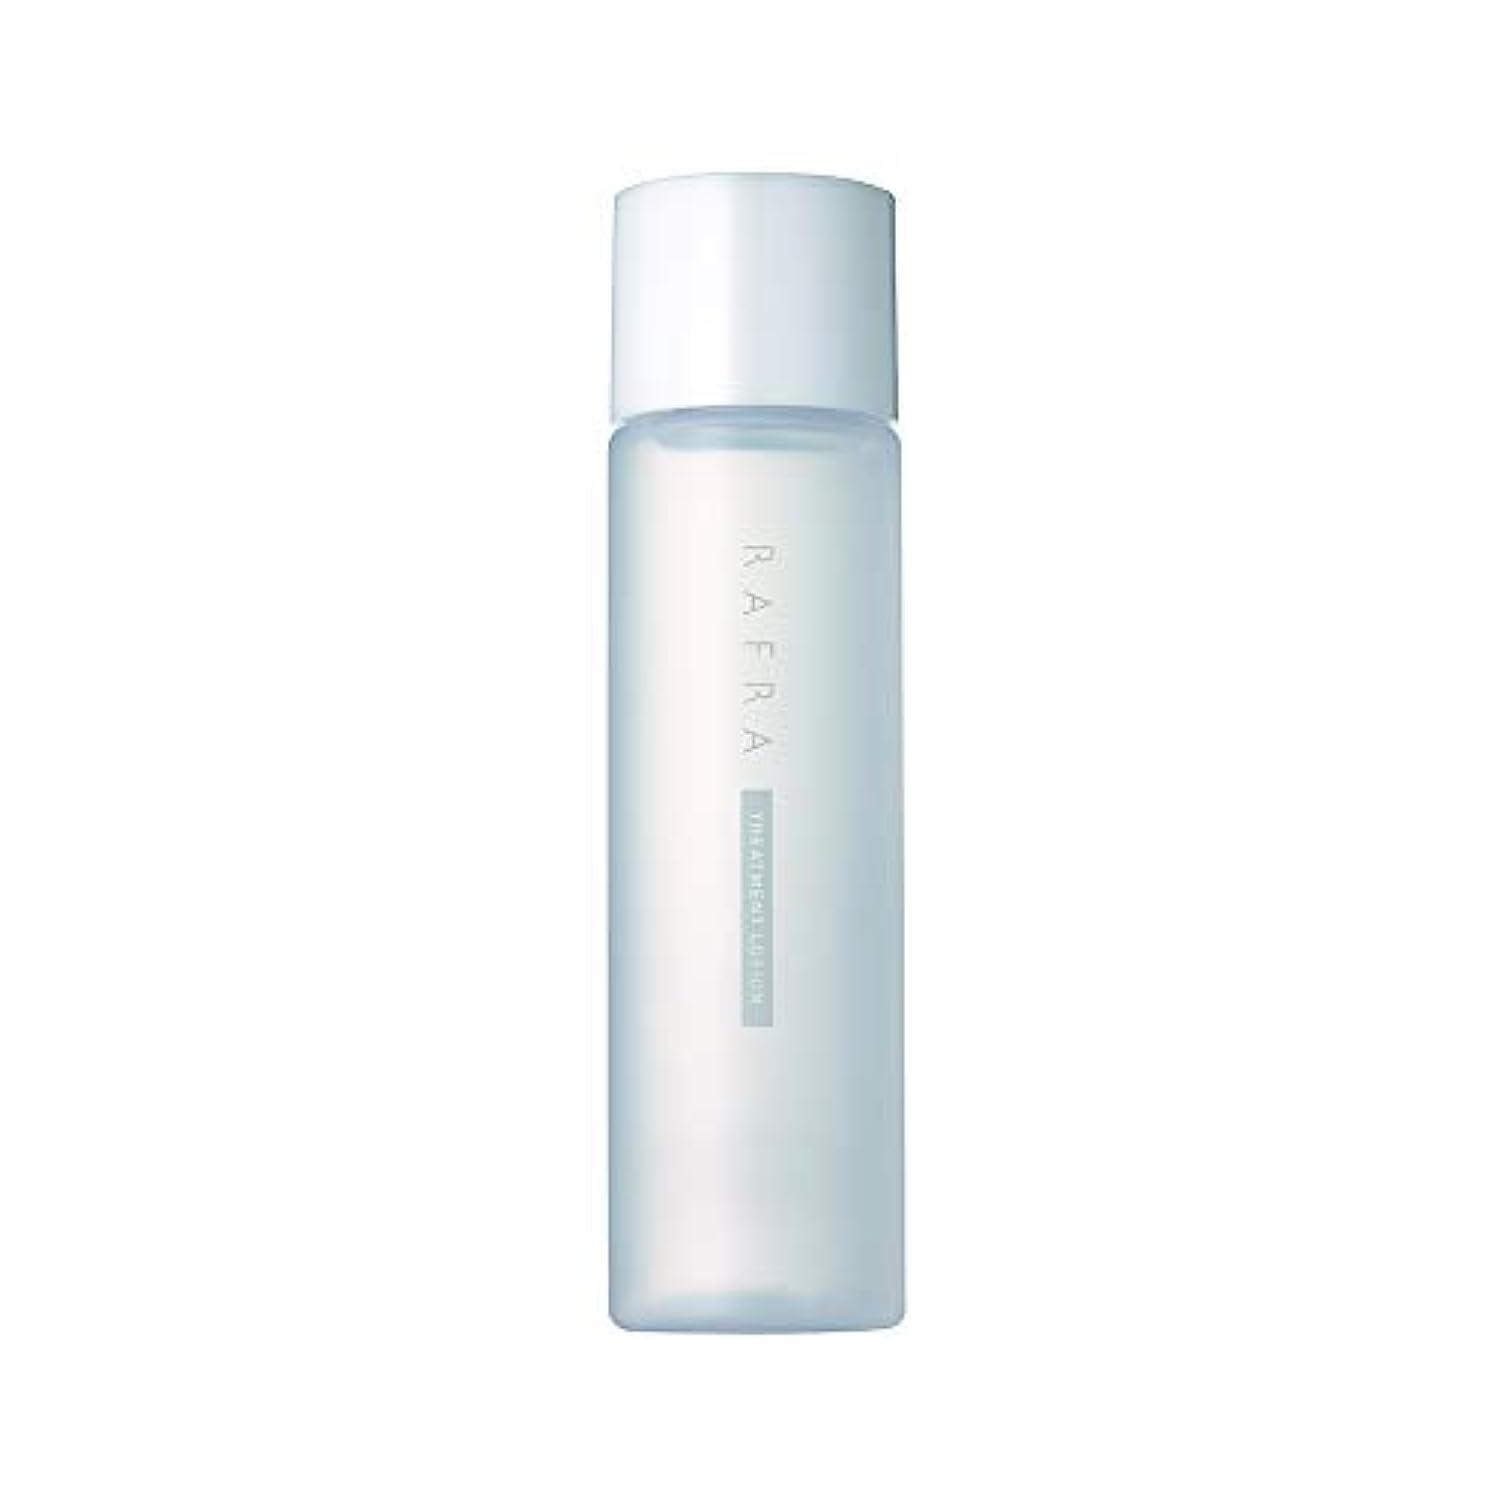 踏みつけ偏見一般ラフラ トリートメントローション 150ml 化粧水 ブースター 導入液